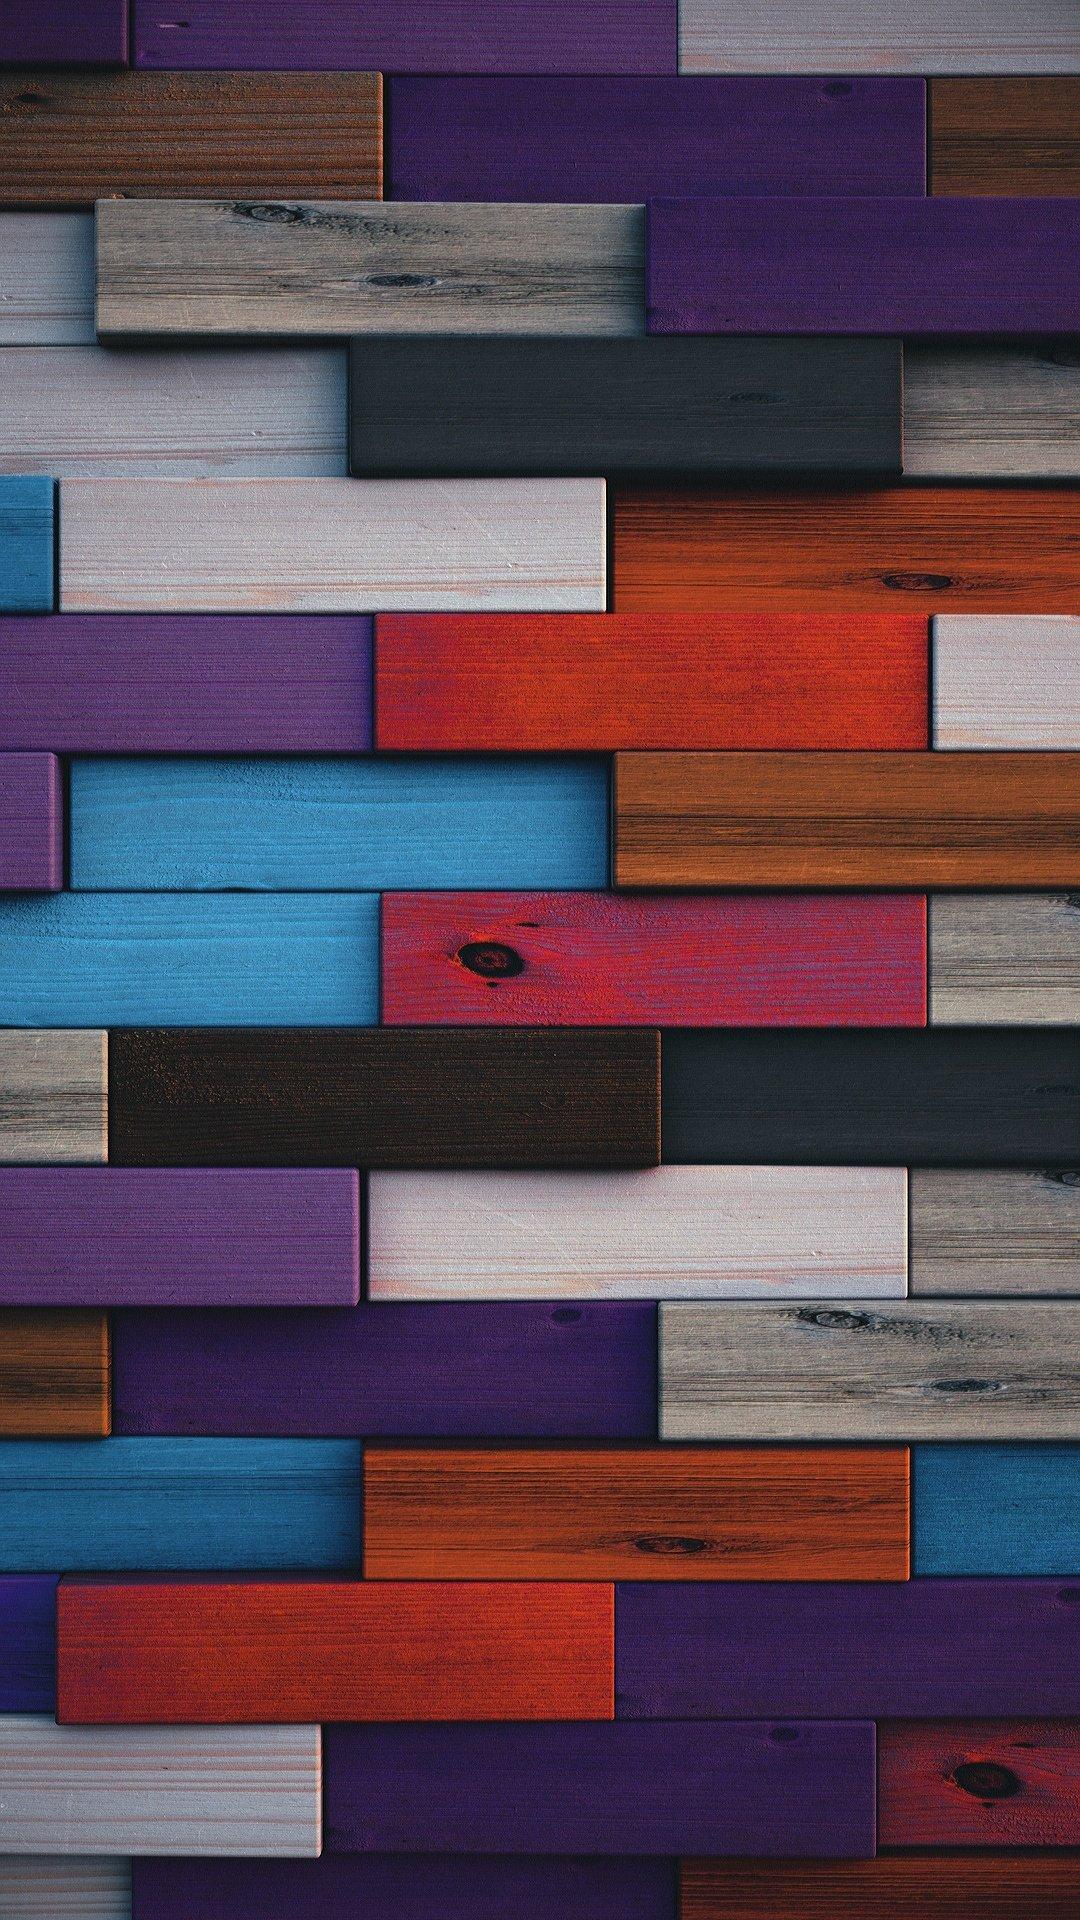 خلفيات ايفون 11 ملونة روعة للموبايل Hd 2020 مربع